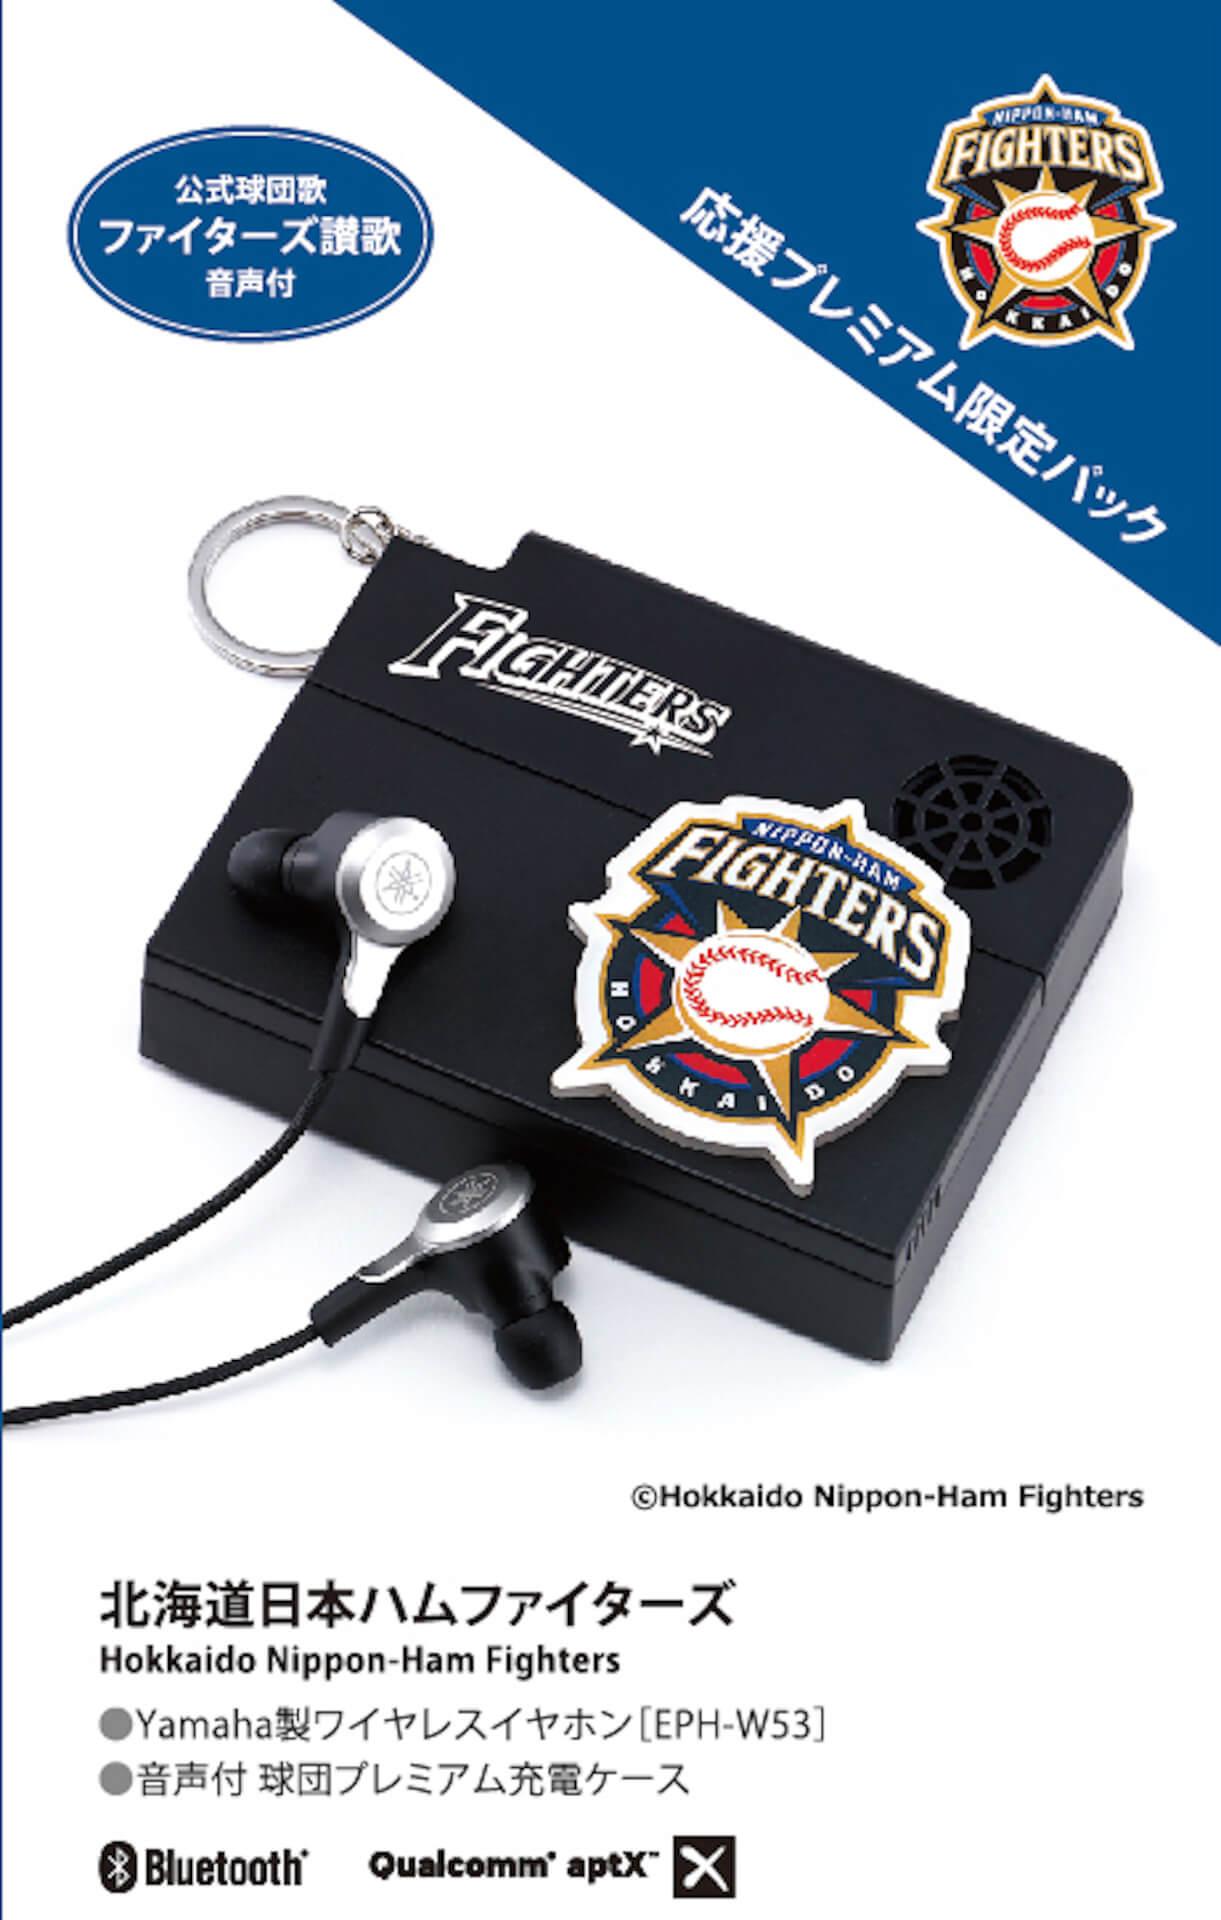 ホークス、タイガースにカープも!ワイヤレスイヤホンとプロ野球10球団別ロゴ入り充電ケースのセットが限定発売 tech191101_baseball_earphone_10